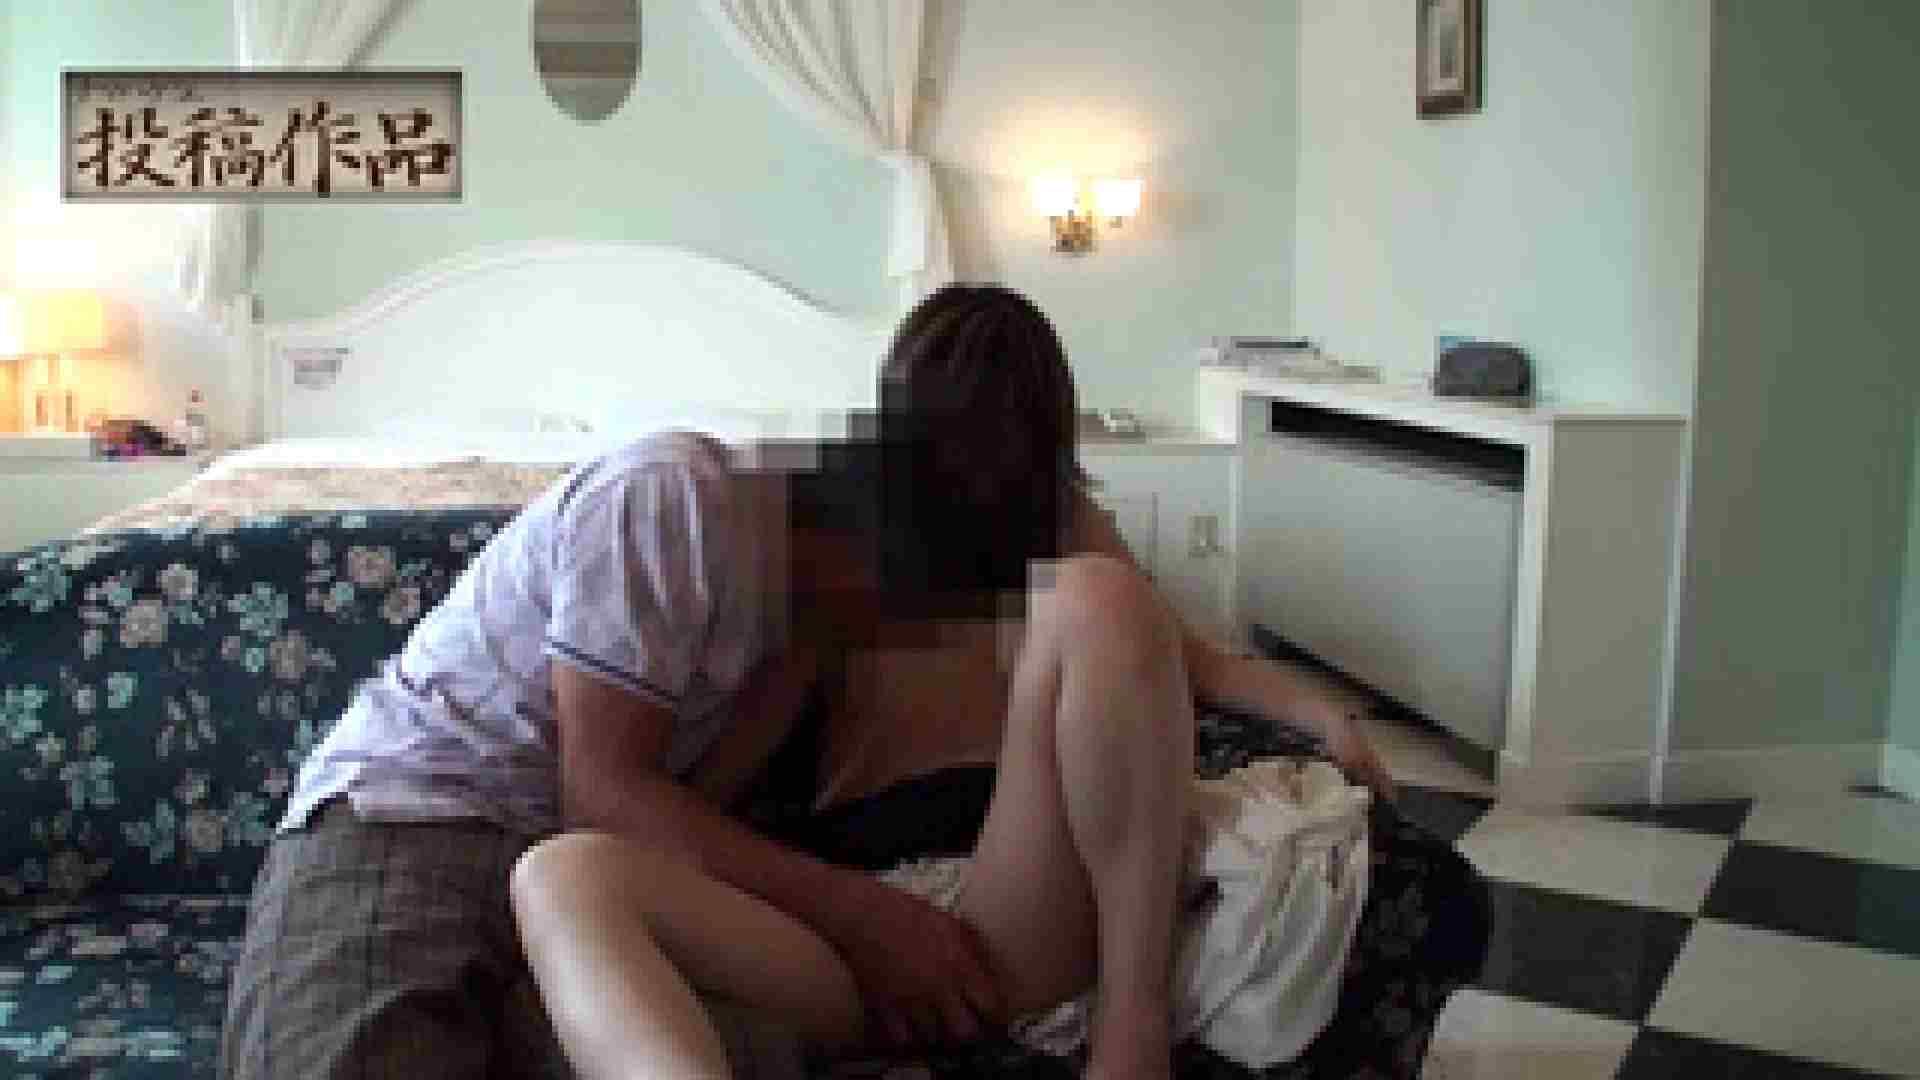 ナマハゲさんのまんこコレクション第3弾 ichiko3 一般投稿 | 電マ  50pic 7